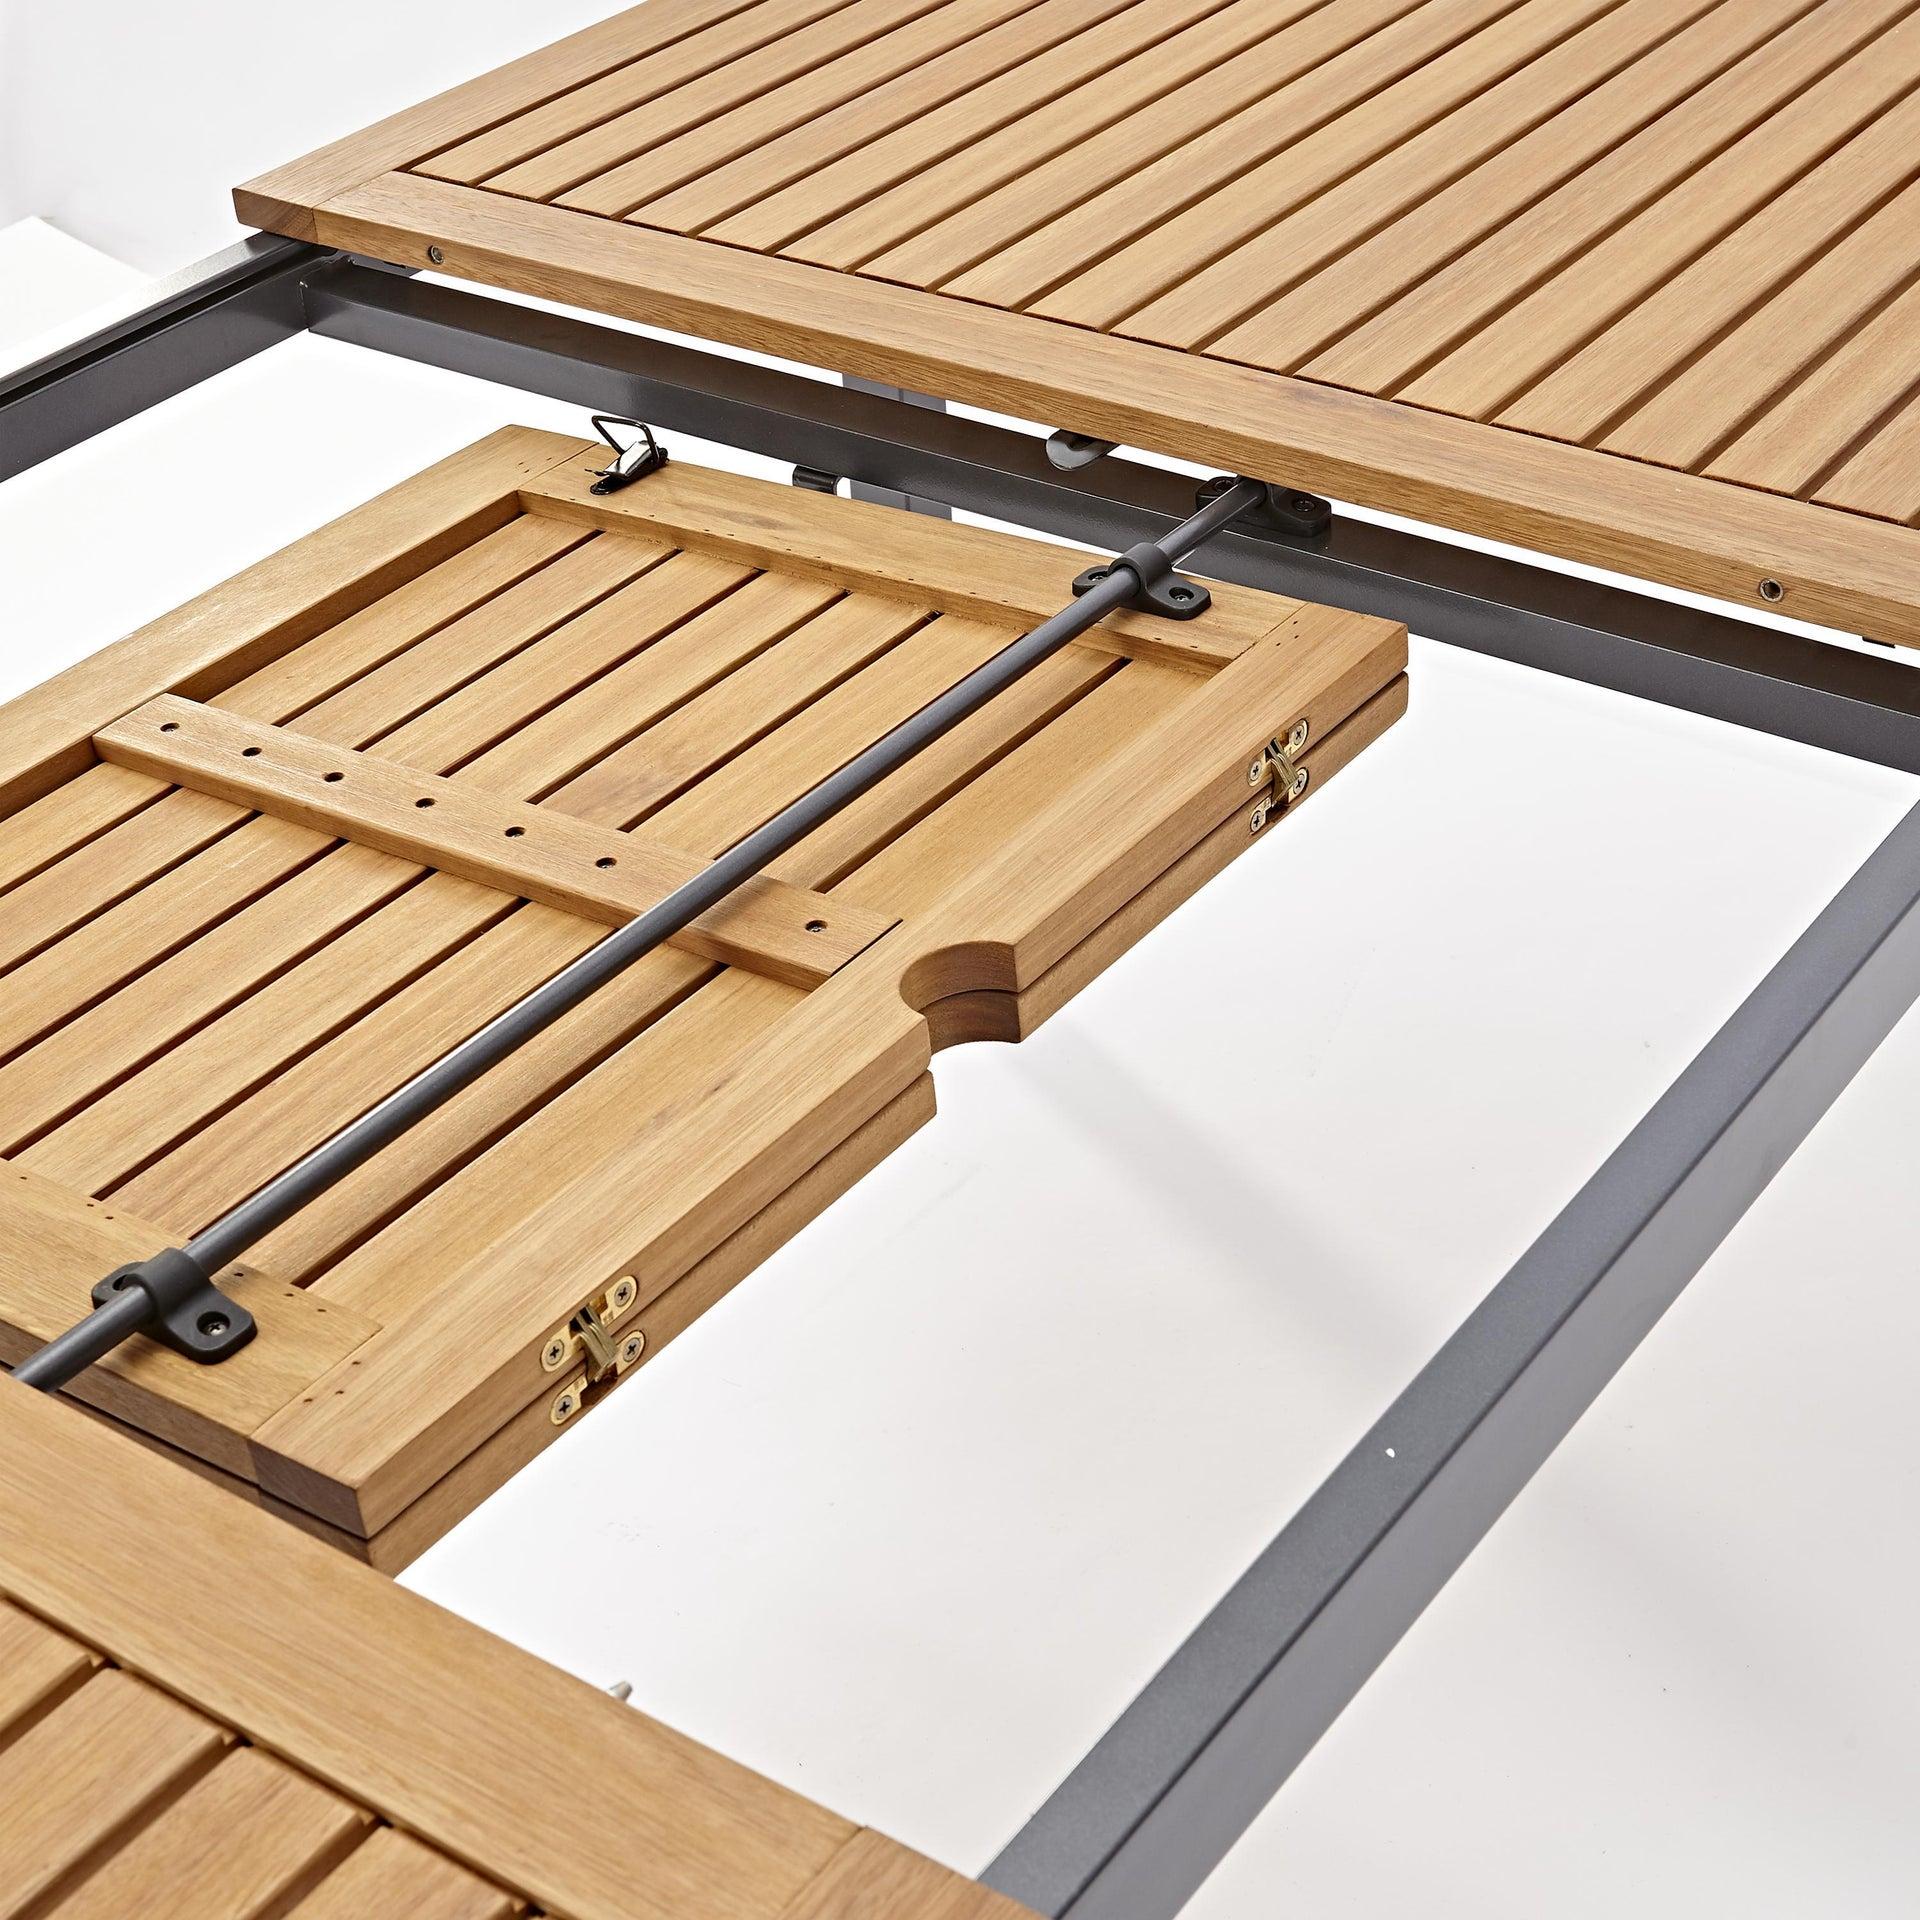 Tavolo da giardino allungabile rettangolare Oris NATERIAL con piano in legno L 180/240 x P 98.9 cm - 8